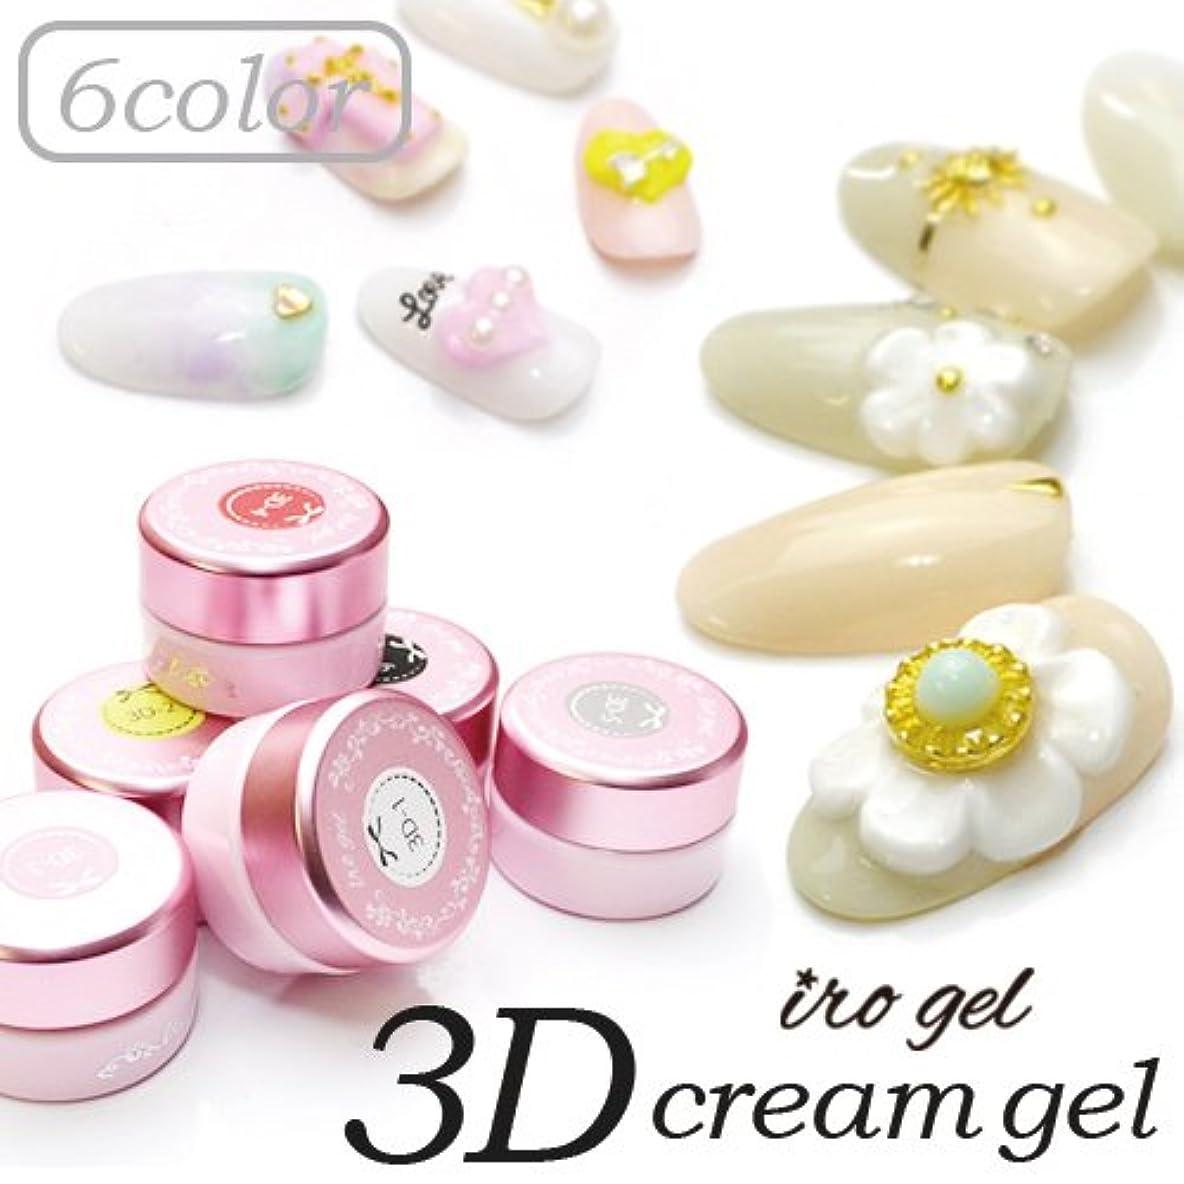 花気がついて無効3D irogel(イロジェル)クリームジェル「1 ホワイト」3Dジェルネイル